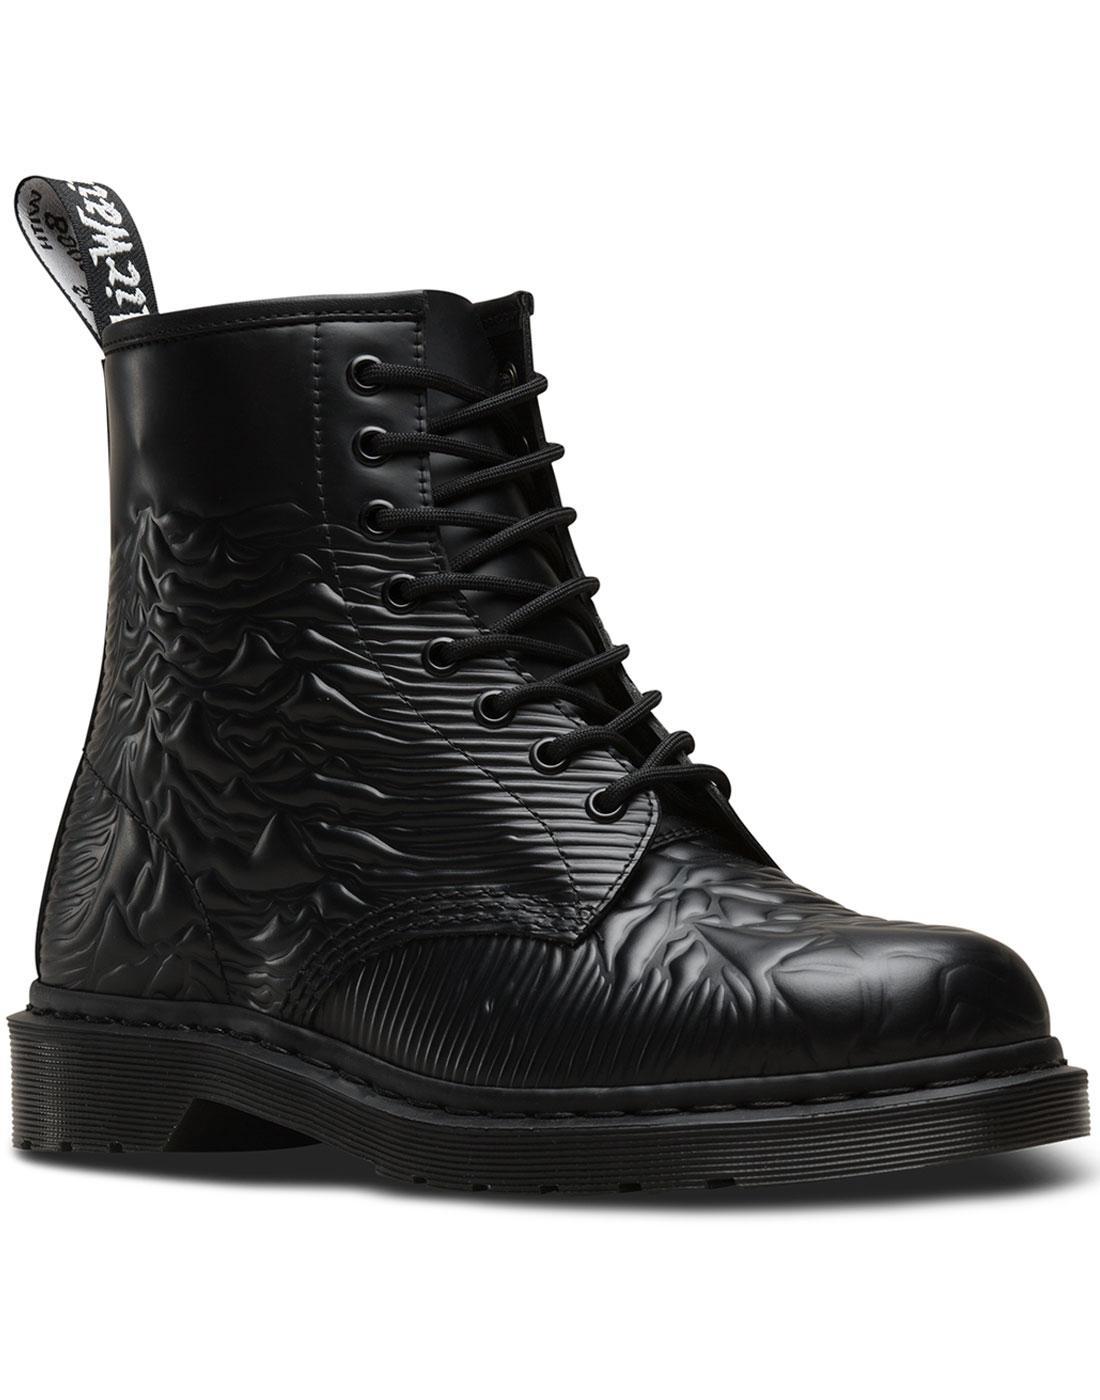 Unknown Pleasures DR MARTENS X JOY DIVISION Boots